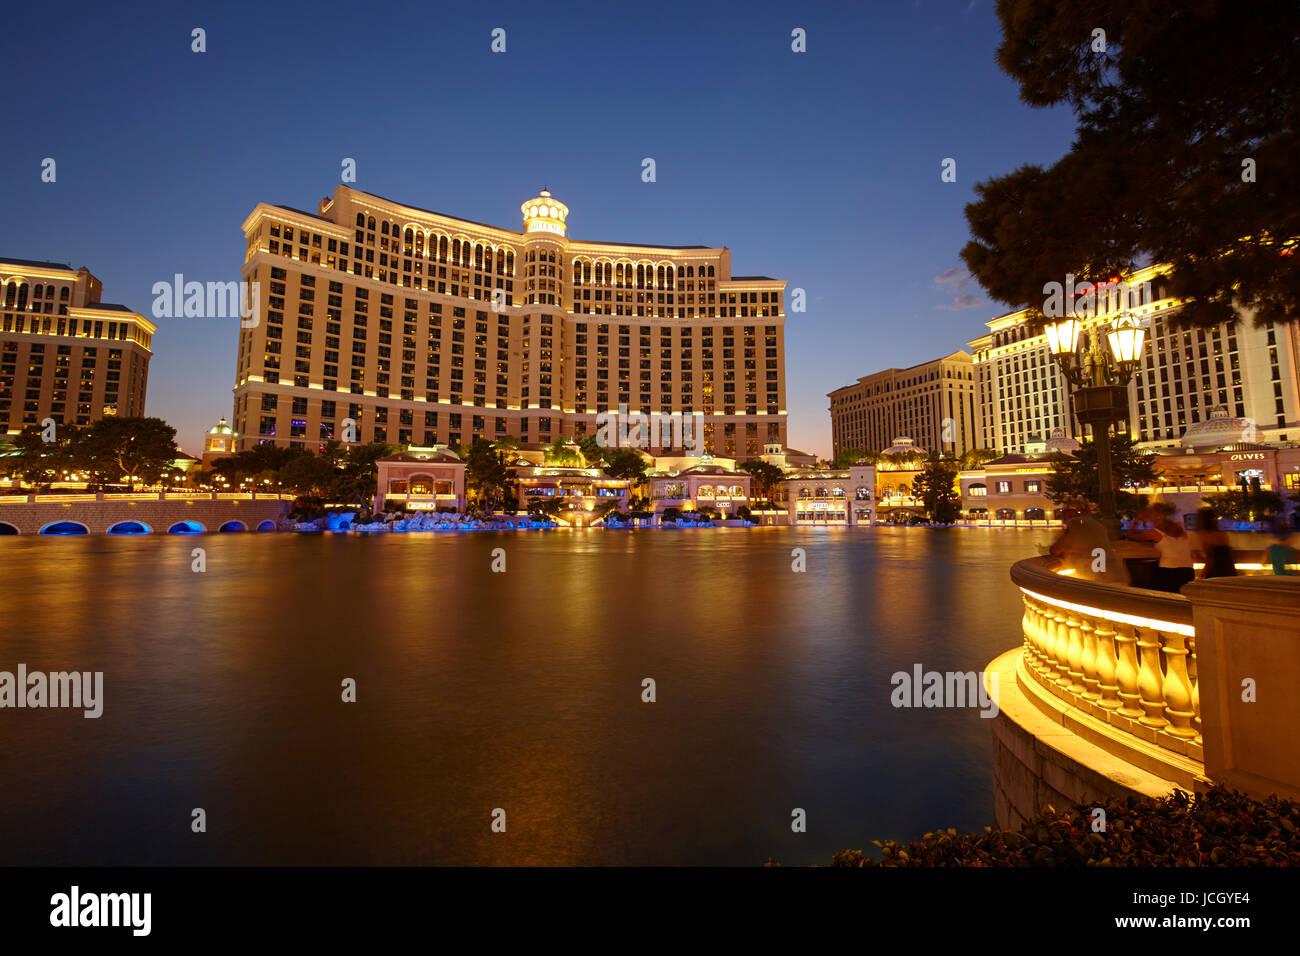 Bellagio hotel di notte, Las Vegas, Nevada, Stati Uniti Immagini Stock